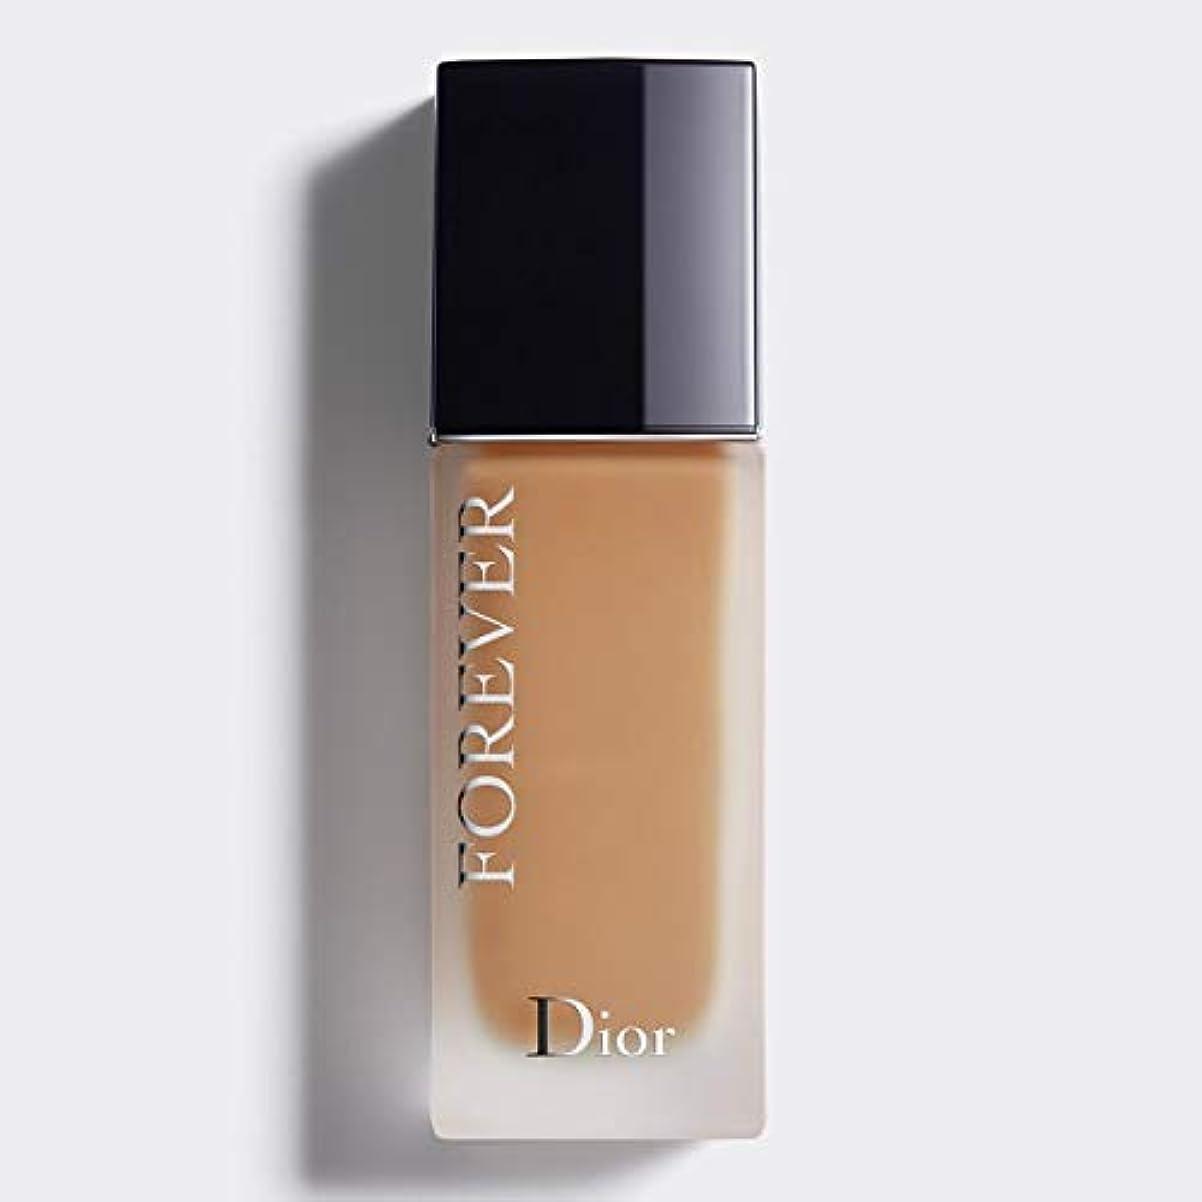 アプト削減役に立つクリスチャンディオール Dior Forever 24H Wear High Perfection Foundation SPF 35 - # 4W (Warm) 30ml/1oz並行輸入品